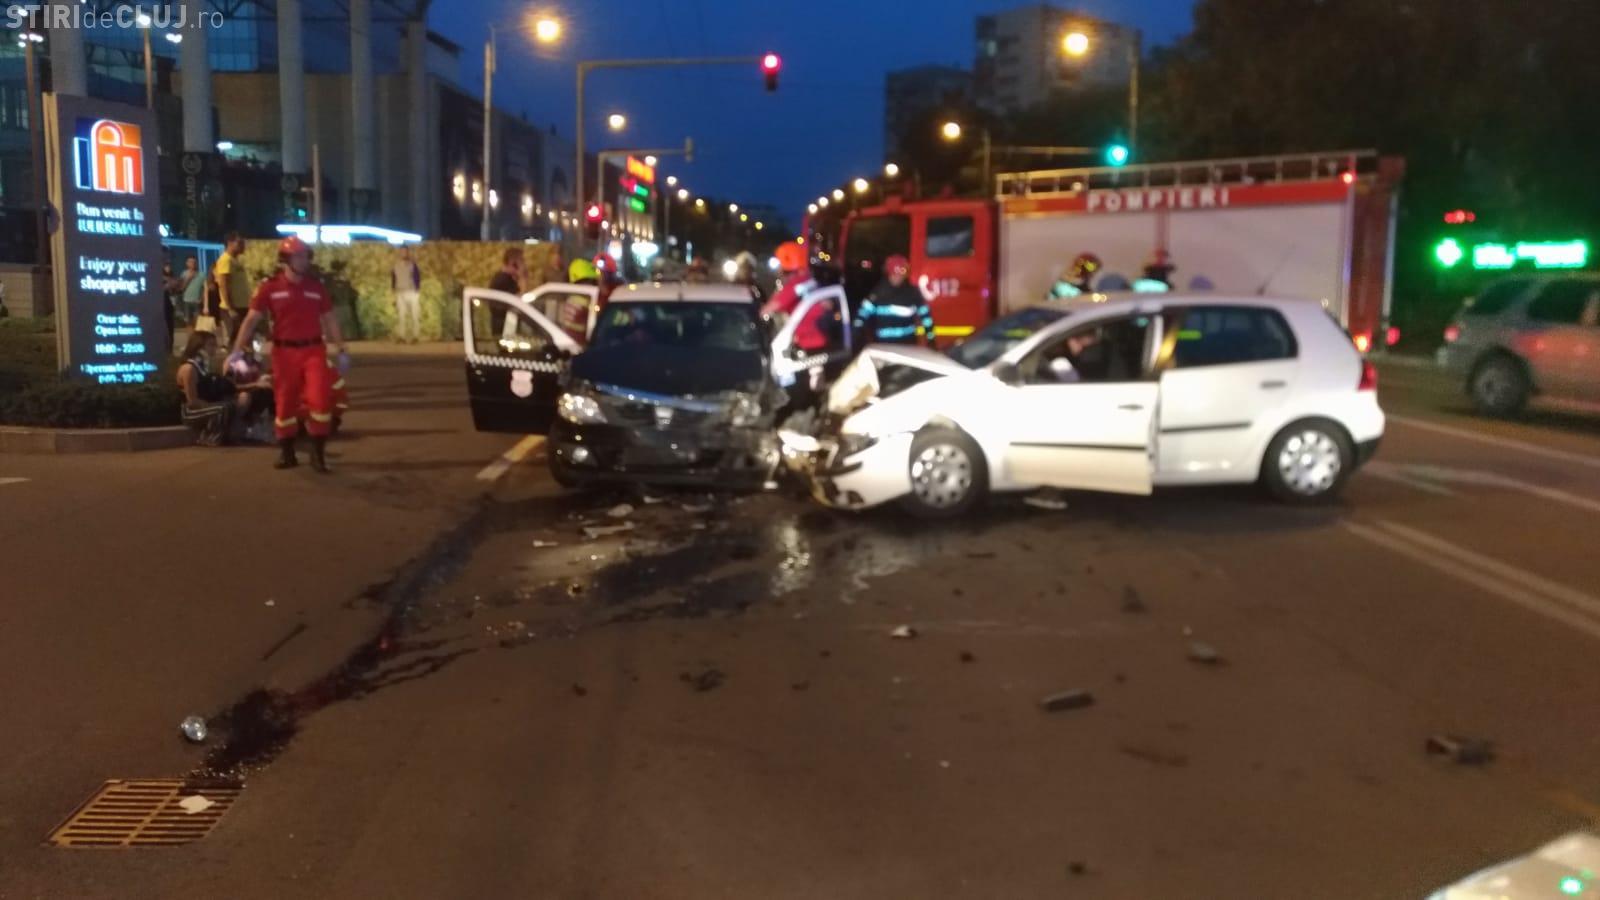 Accident în față la Iulius Mall Cluj! Trei persoane sunt rănite - FOTO